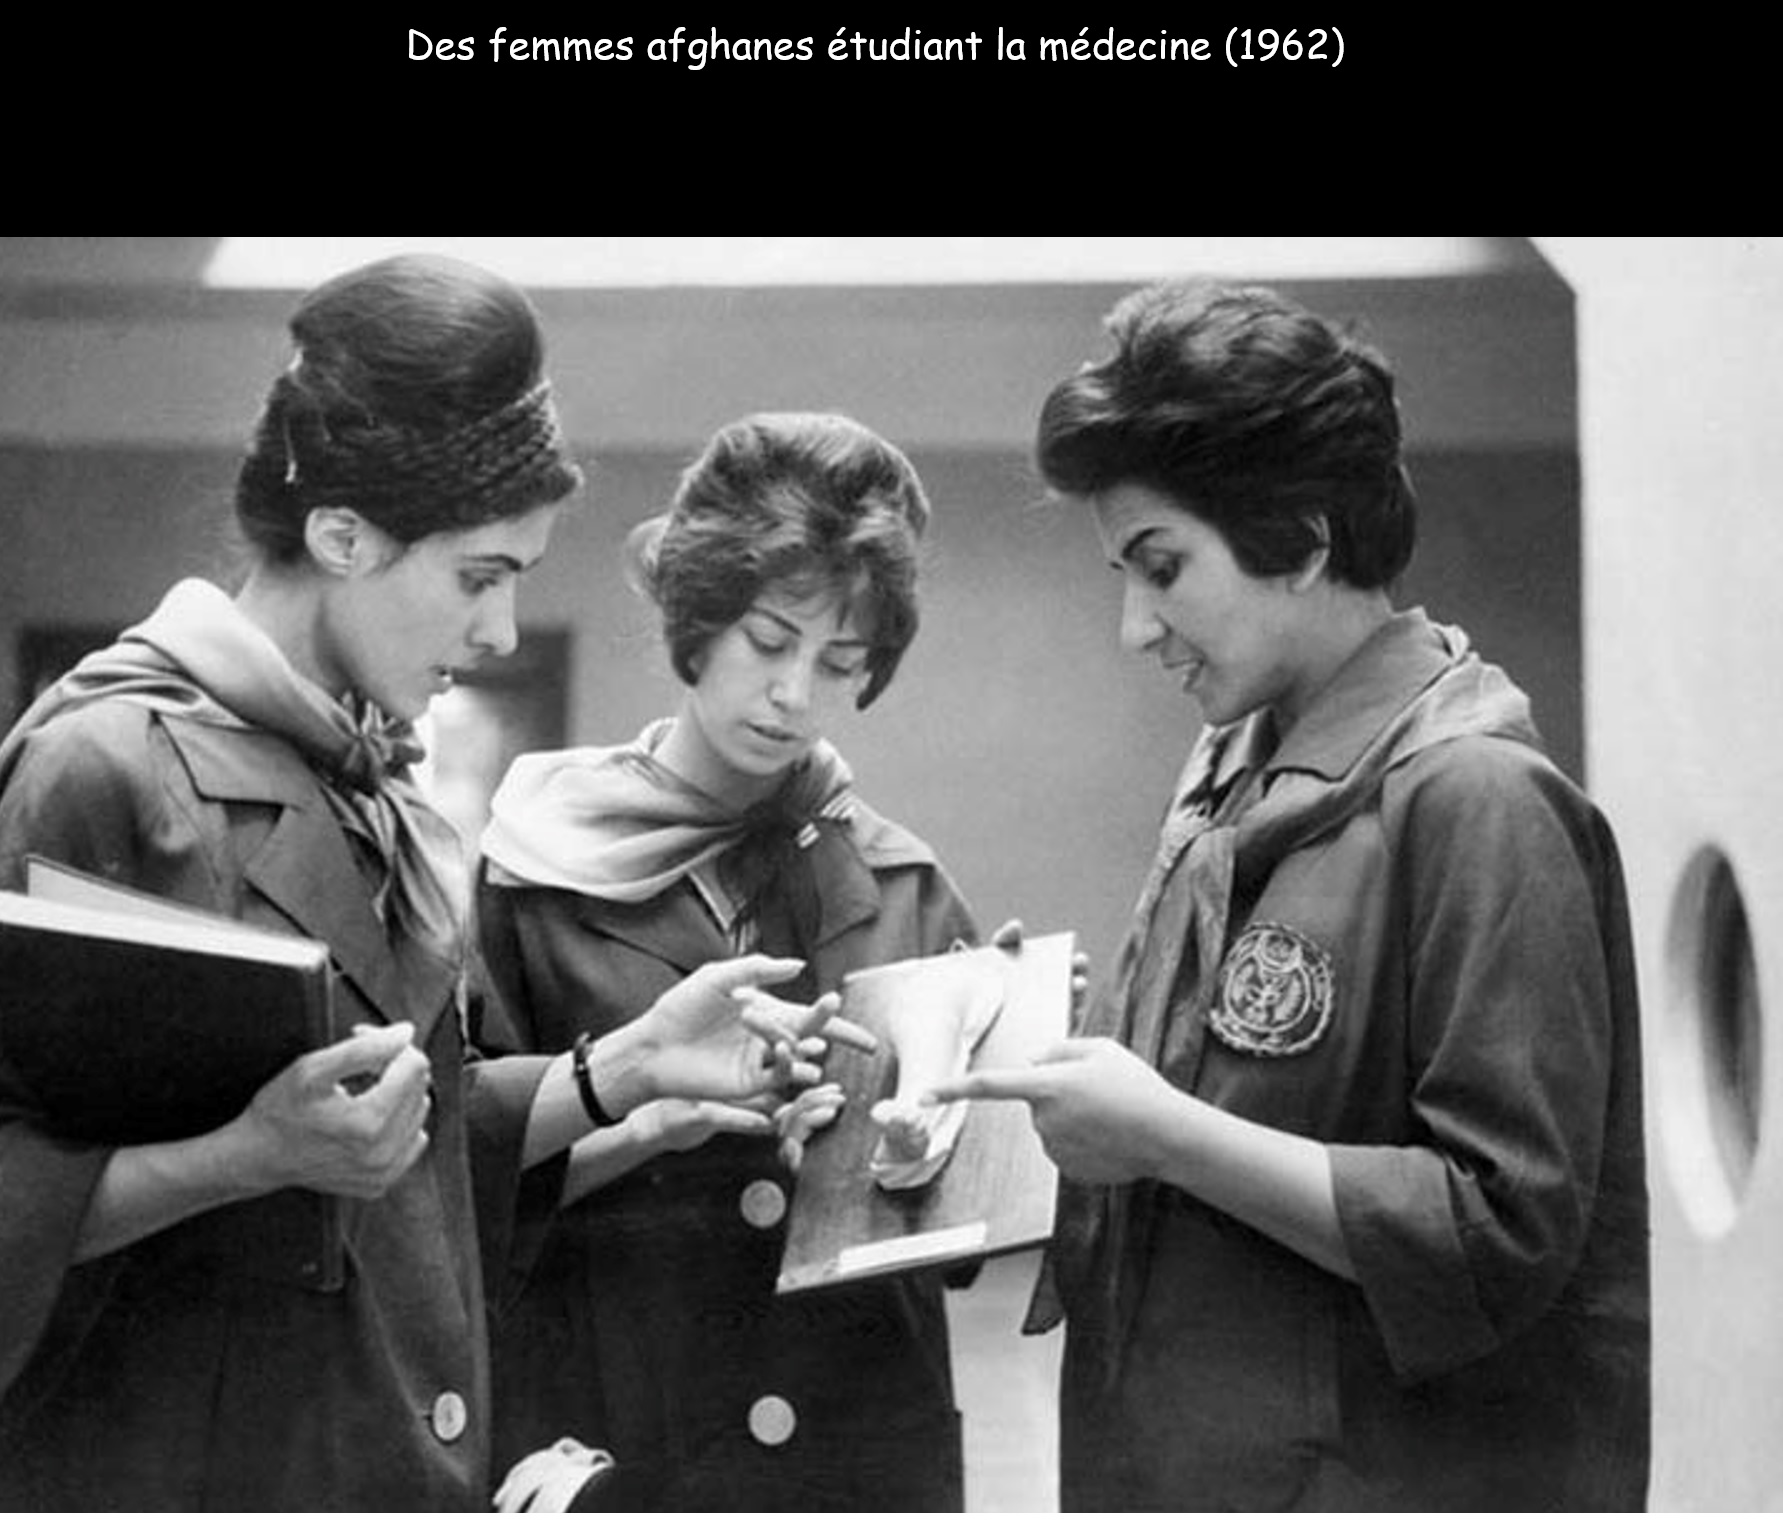 femmes-afghanes-medecine-1962